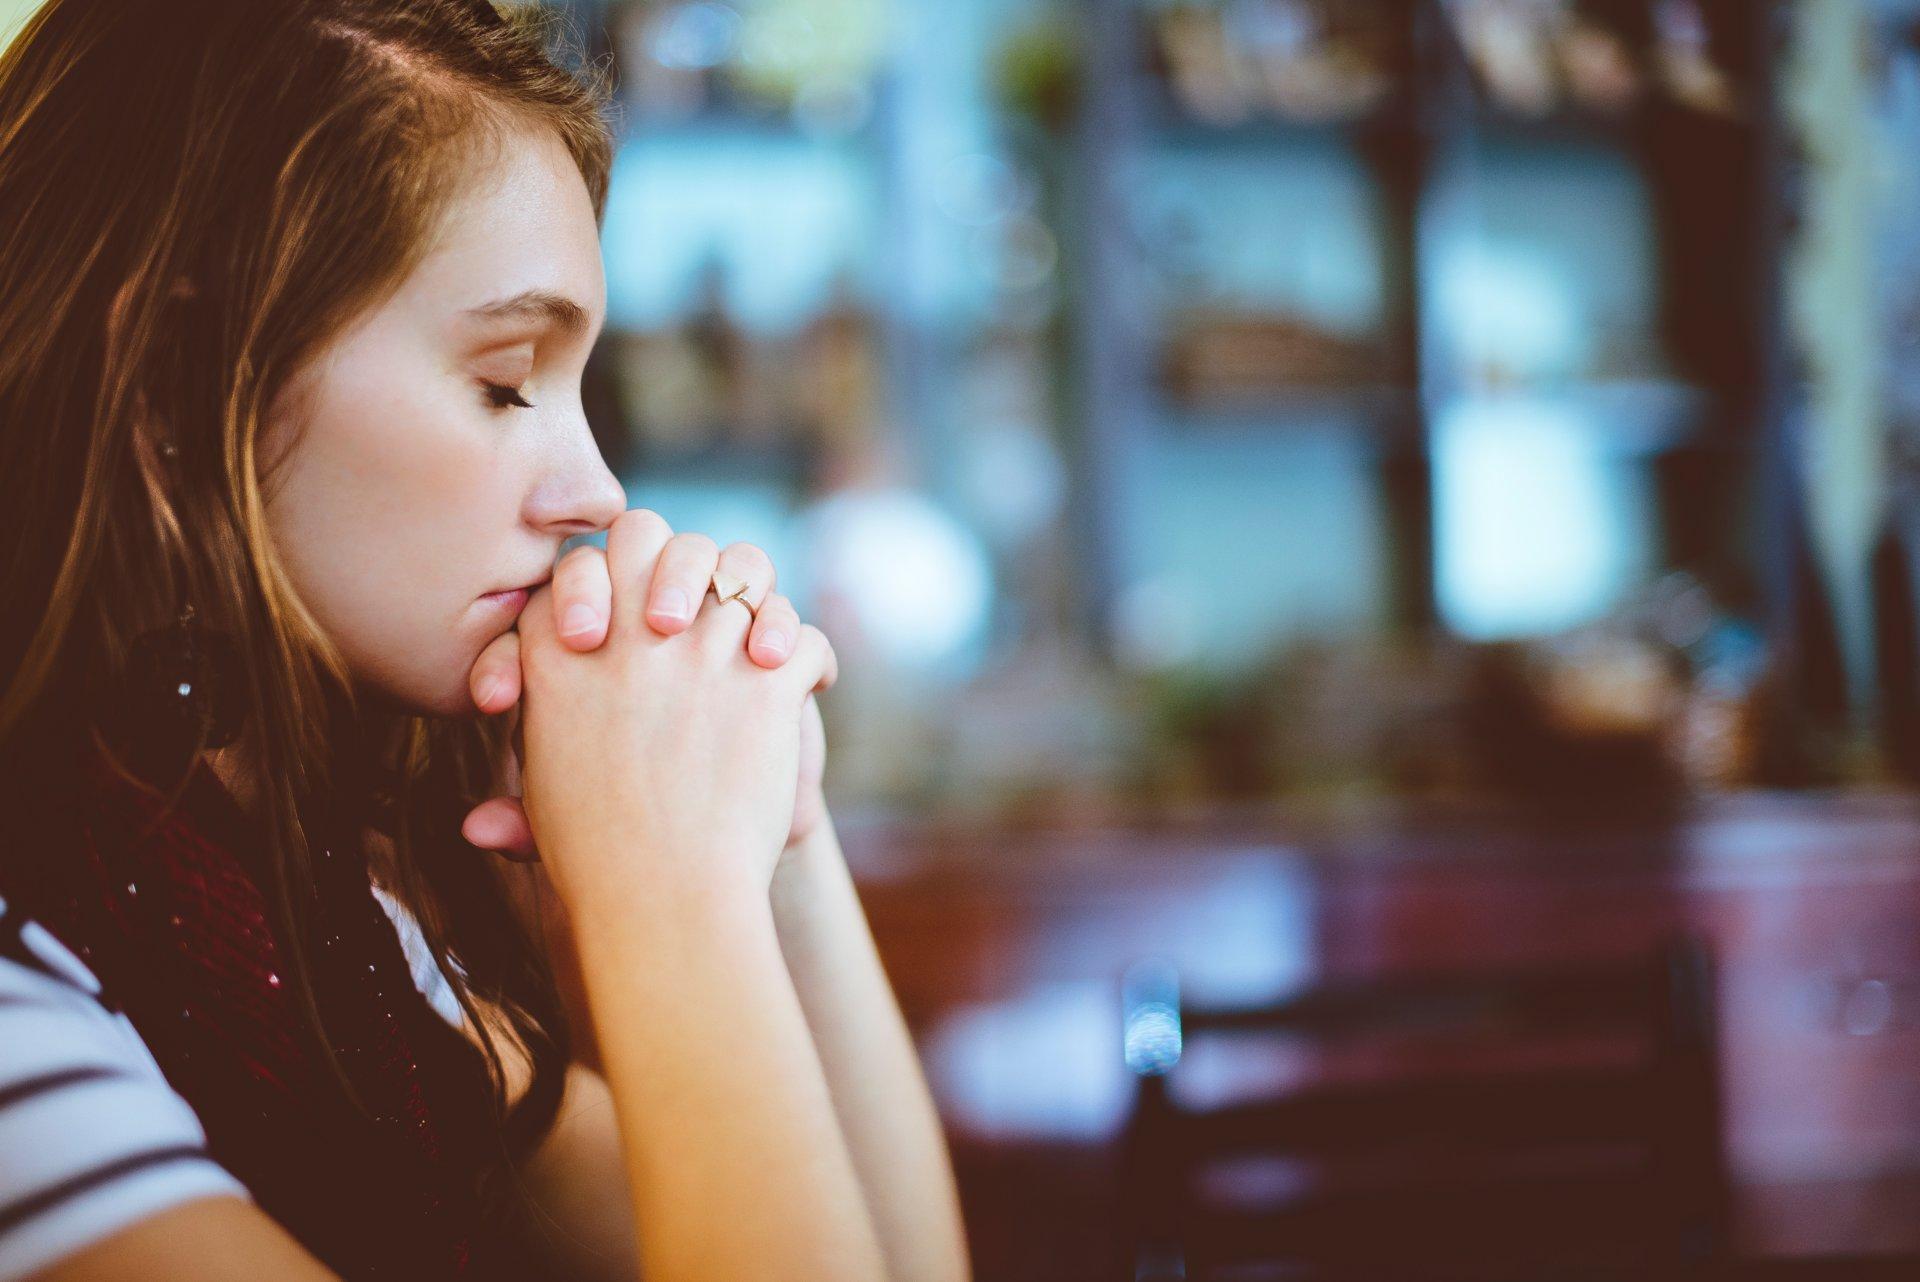 婚活疲れた時の対処法